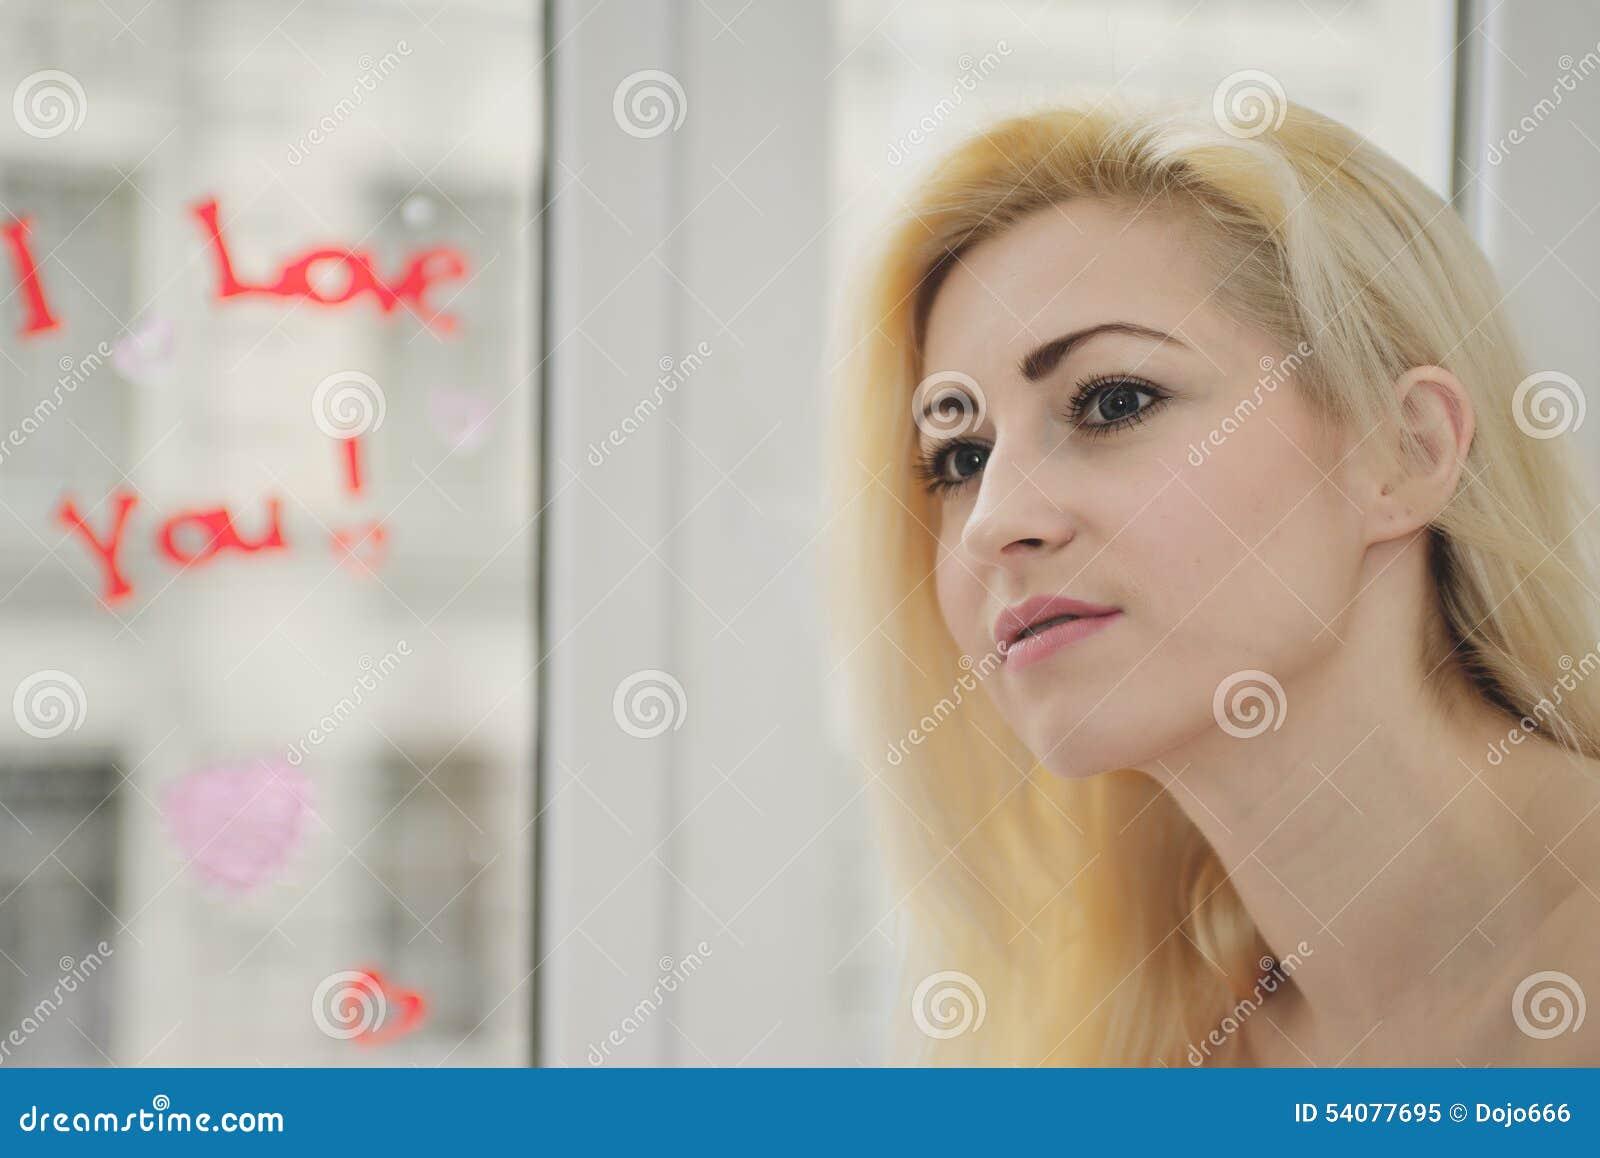 Portret jong meisje met inschrijving bij een venster